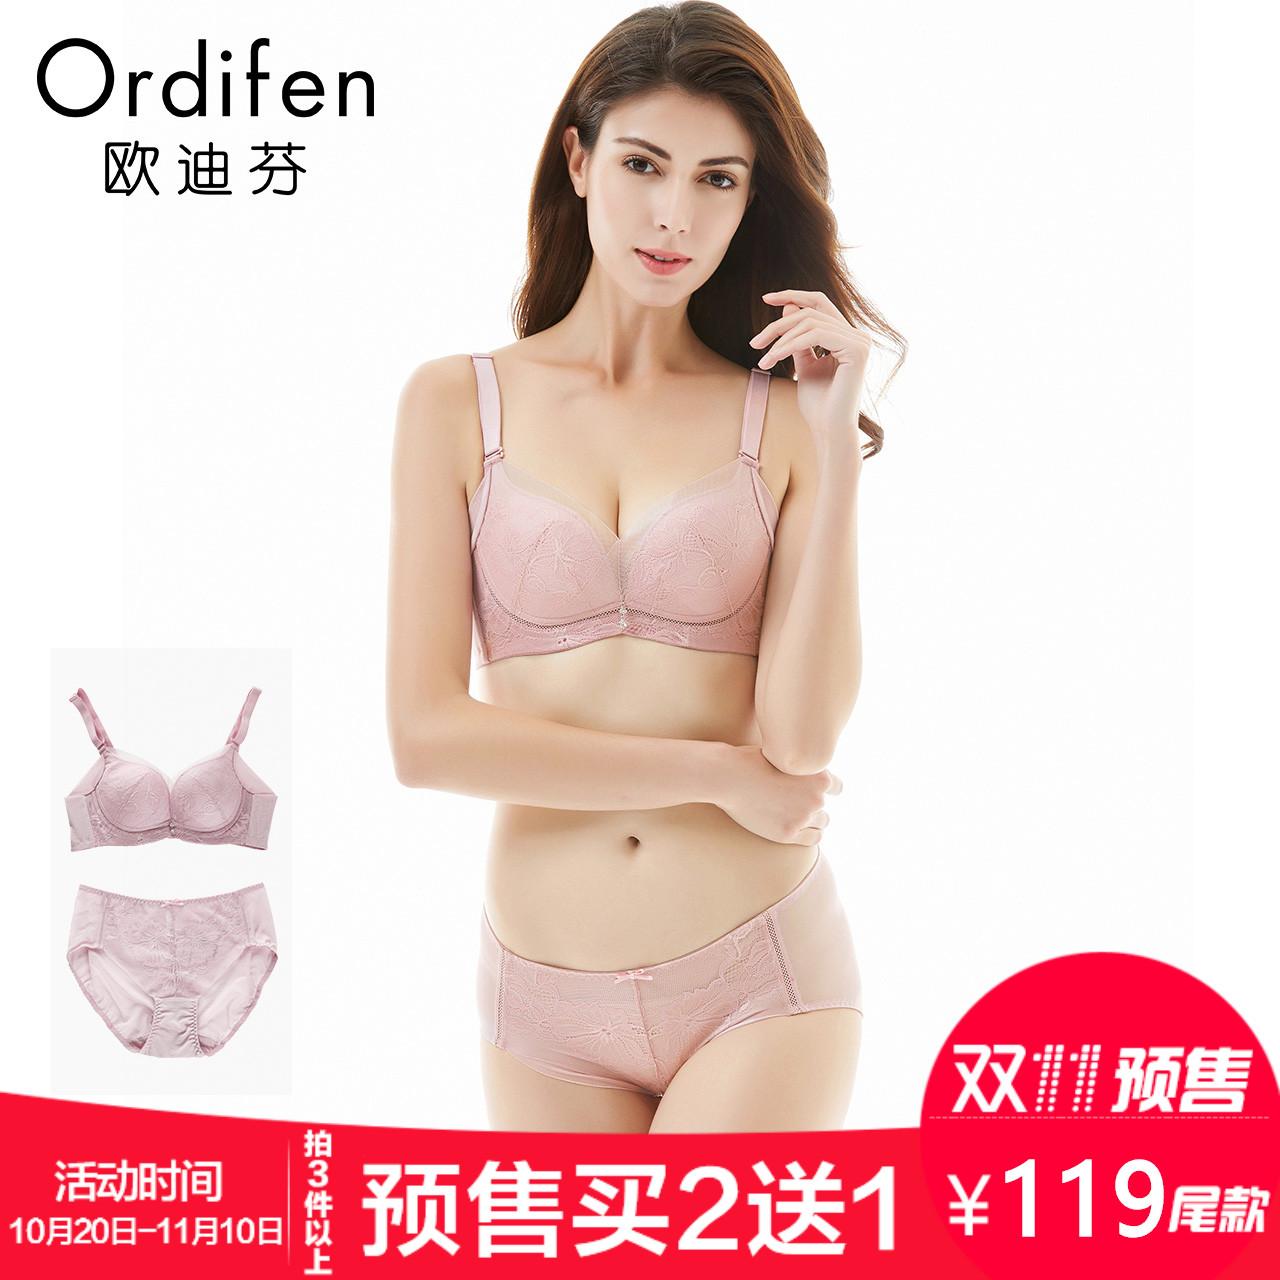 欧迪芬 新款女士内衣聚拢侧收胸罩无痕内裤美背文胸套装XA83568